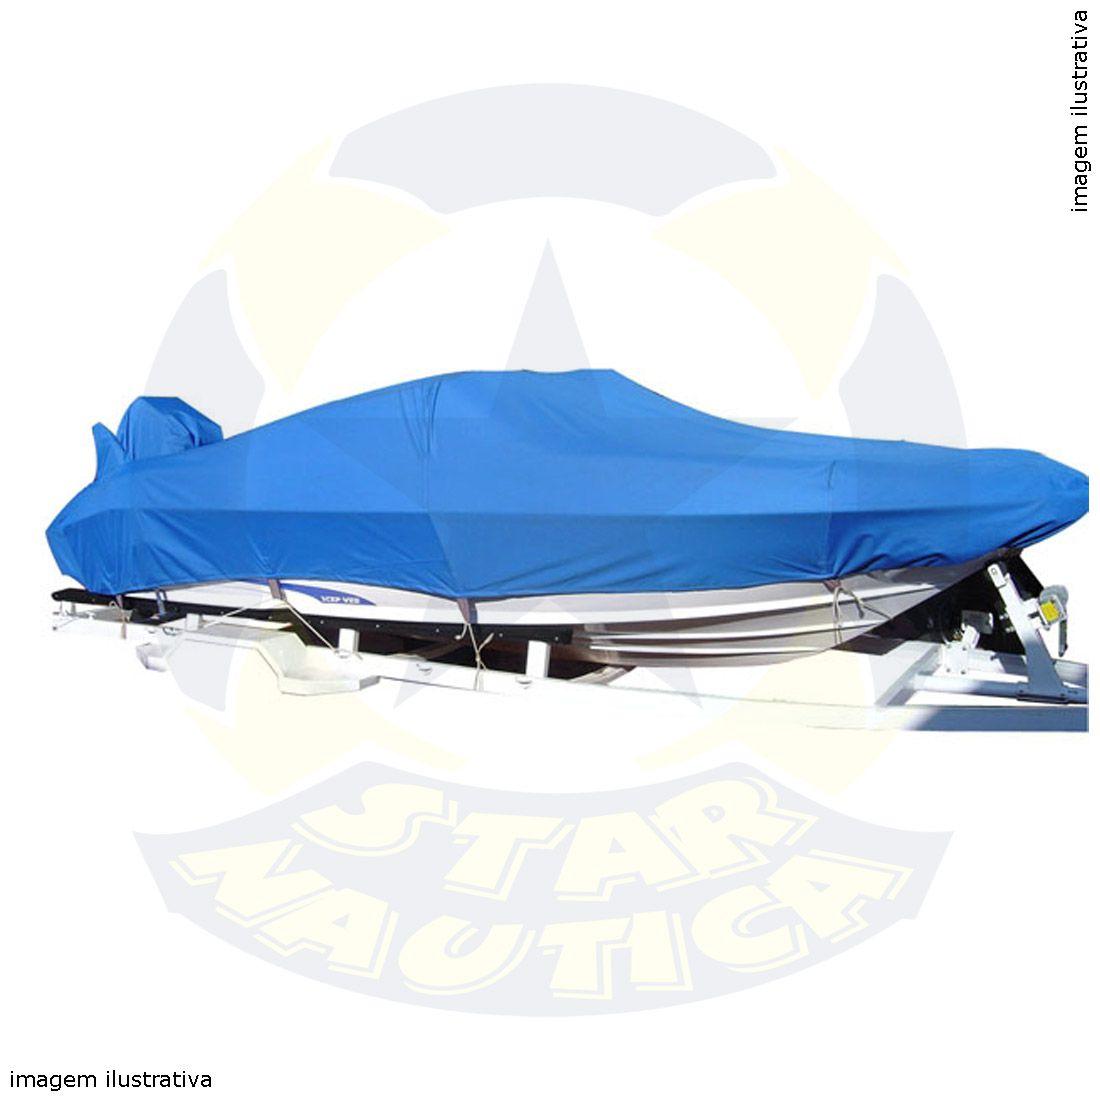 Capa Lona de Cobertura Lancha de Fibra 17 Pés Lona Poliéster